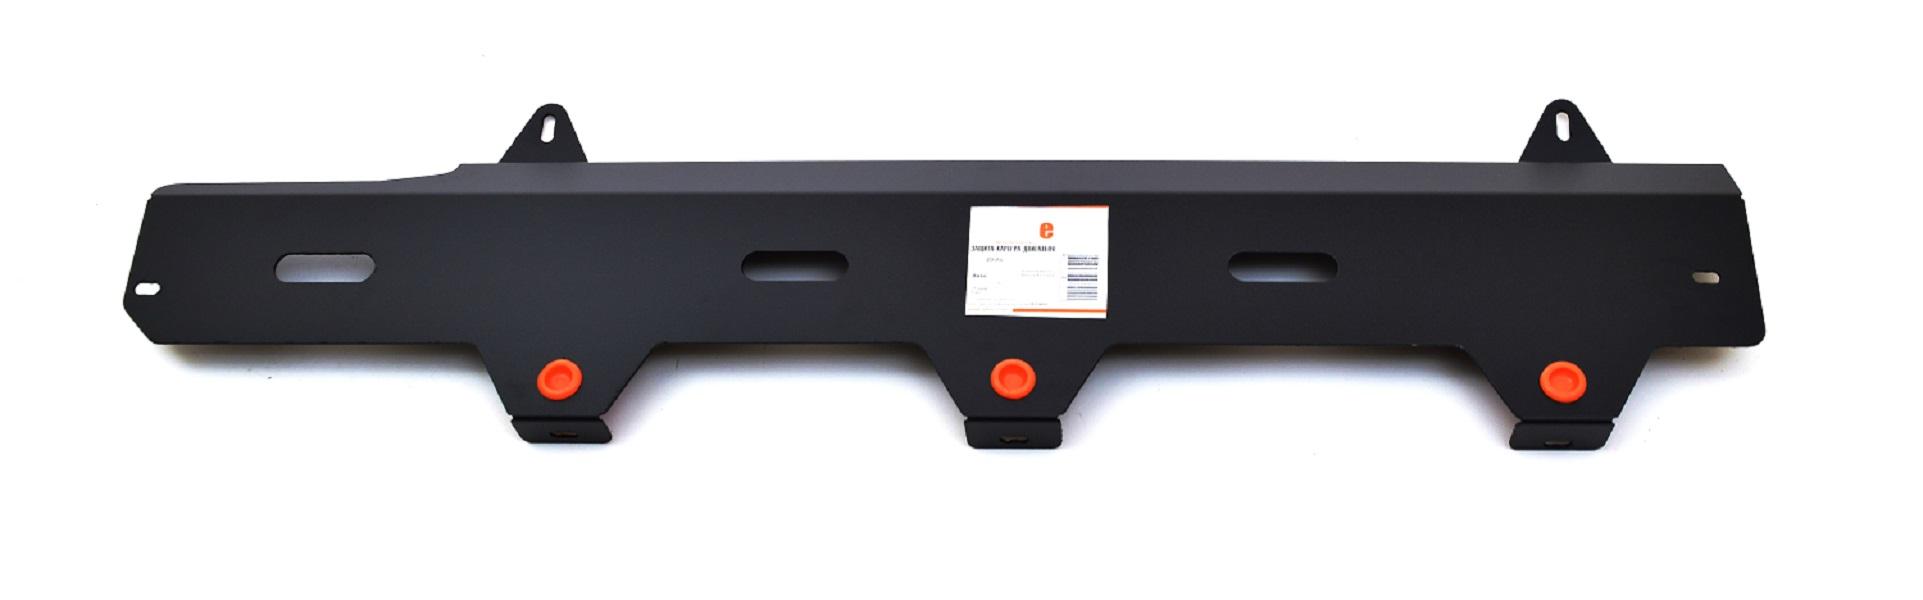 Защита топливных трубок АВС-Дизайн для Renault, Nissan (33.809.C2)